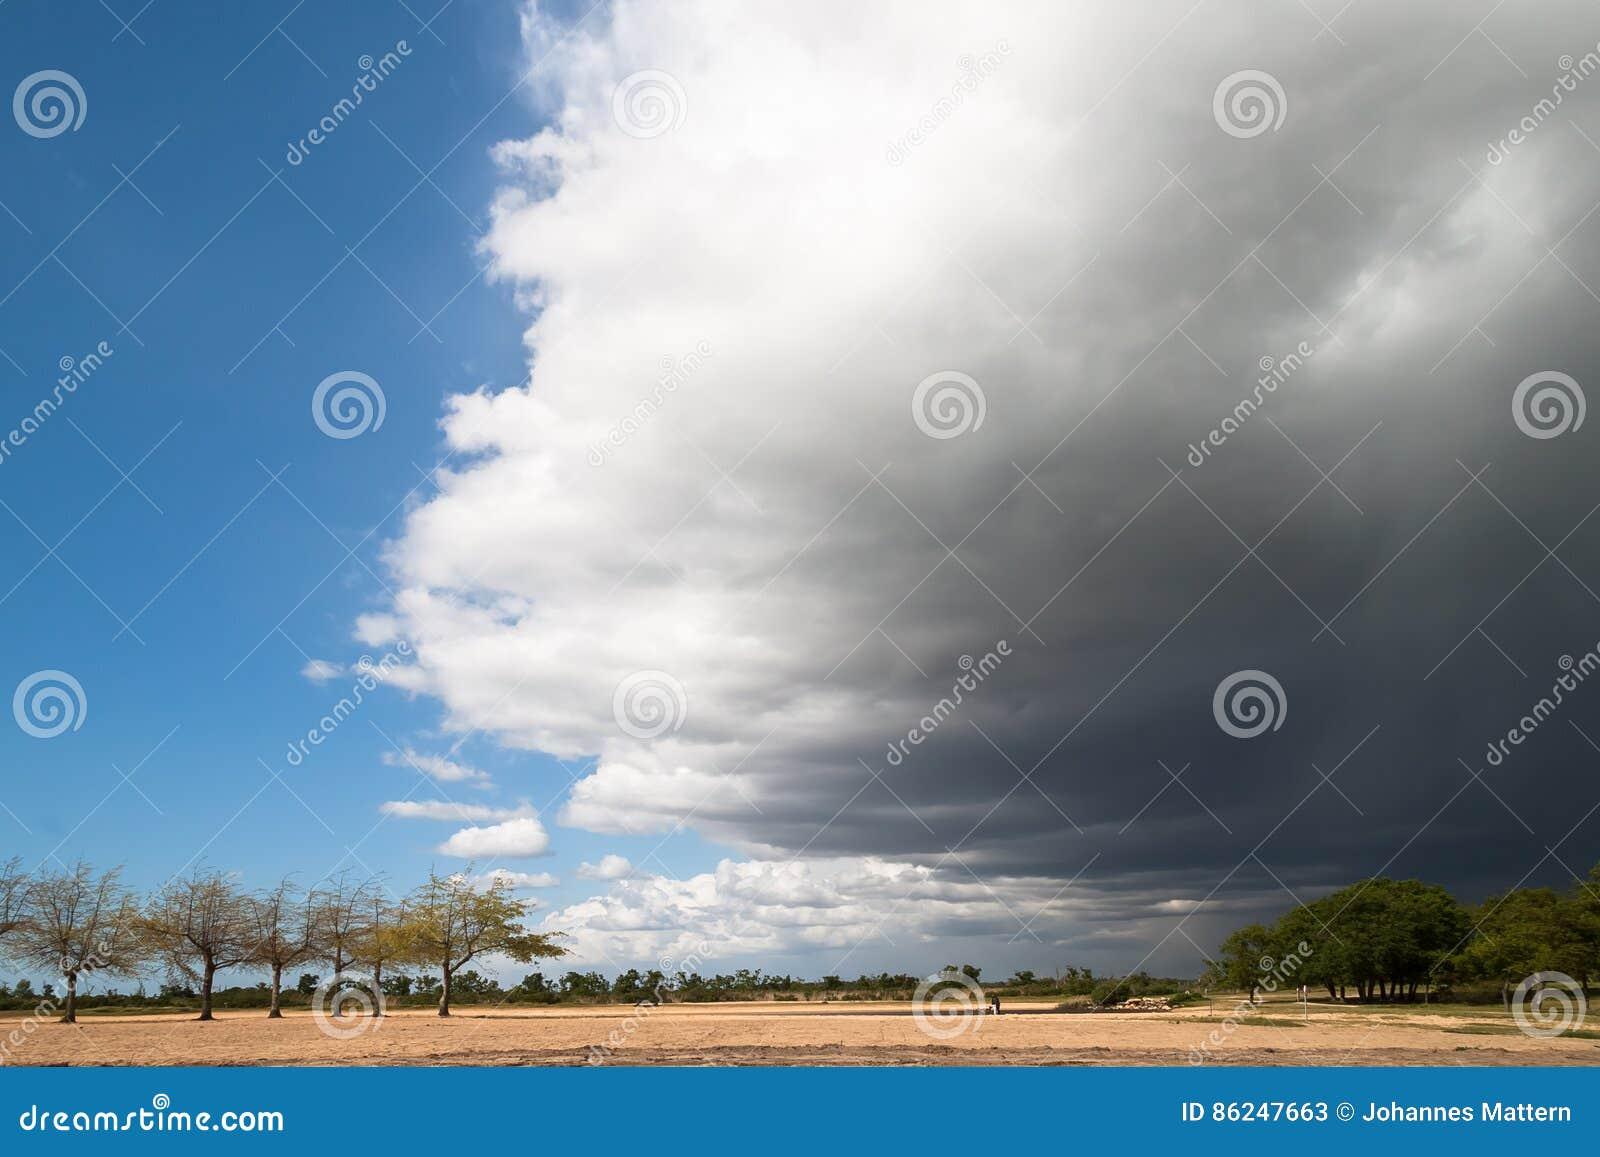 Nähernder Sturm Front Creating ein drastischer Himmel